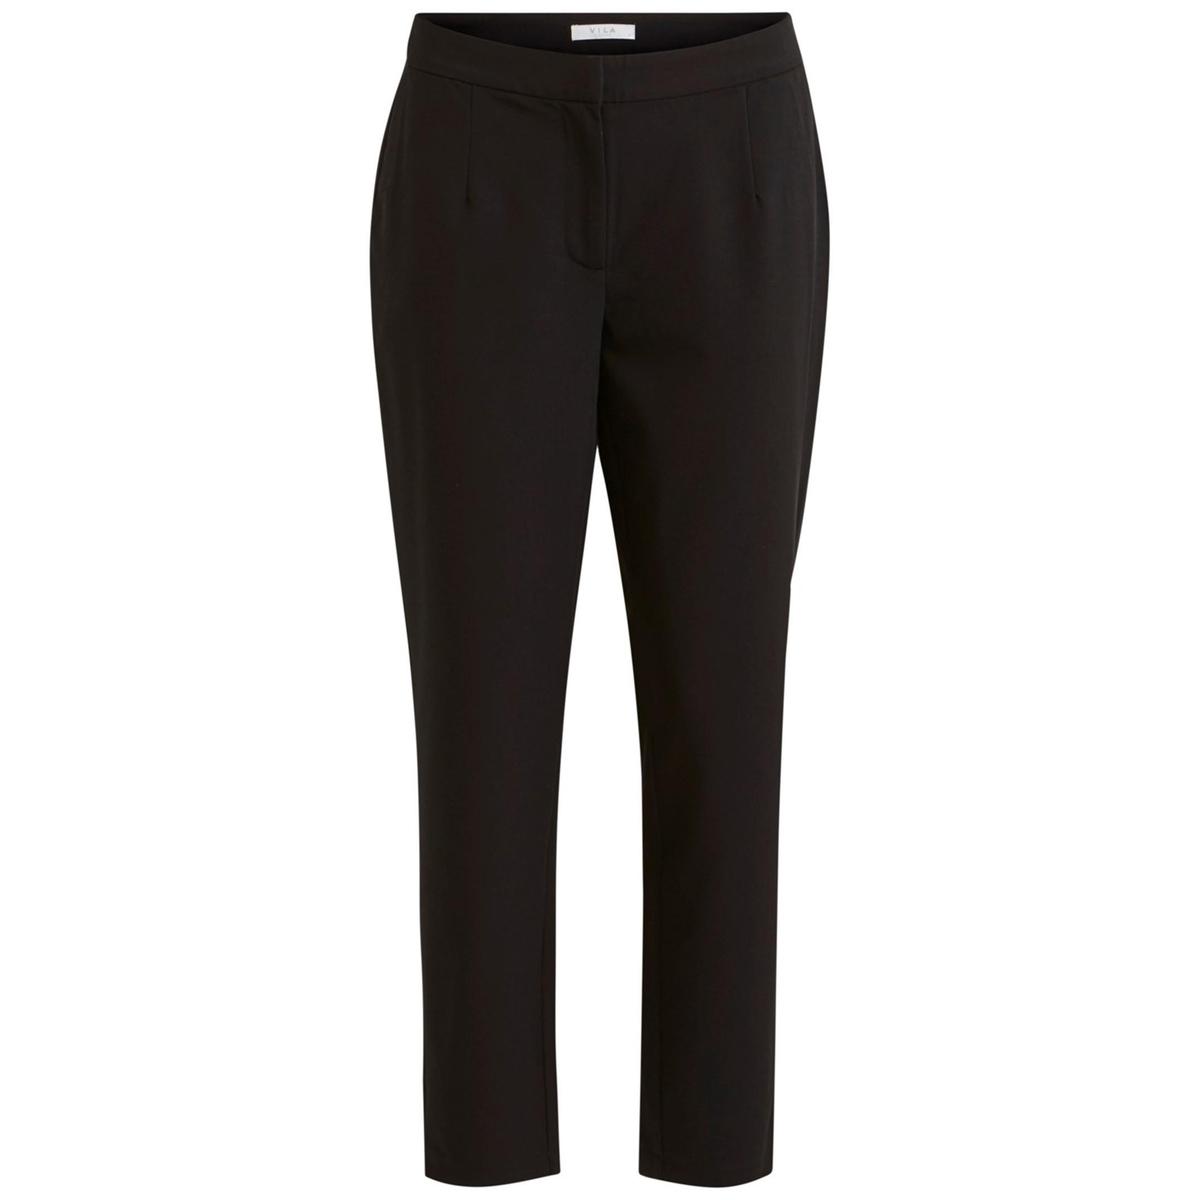 Брюки-дудочки брюки узкие дудочки